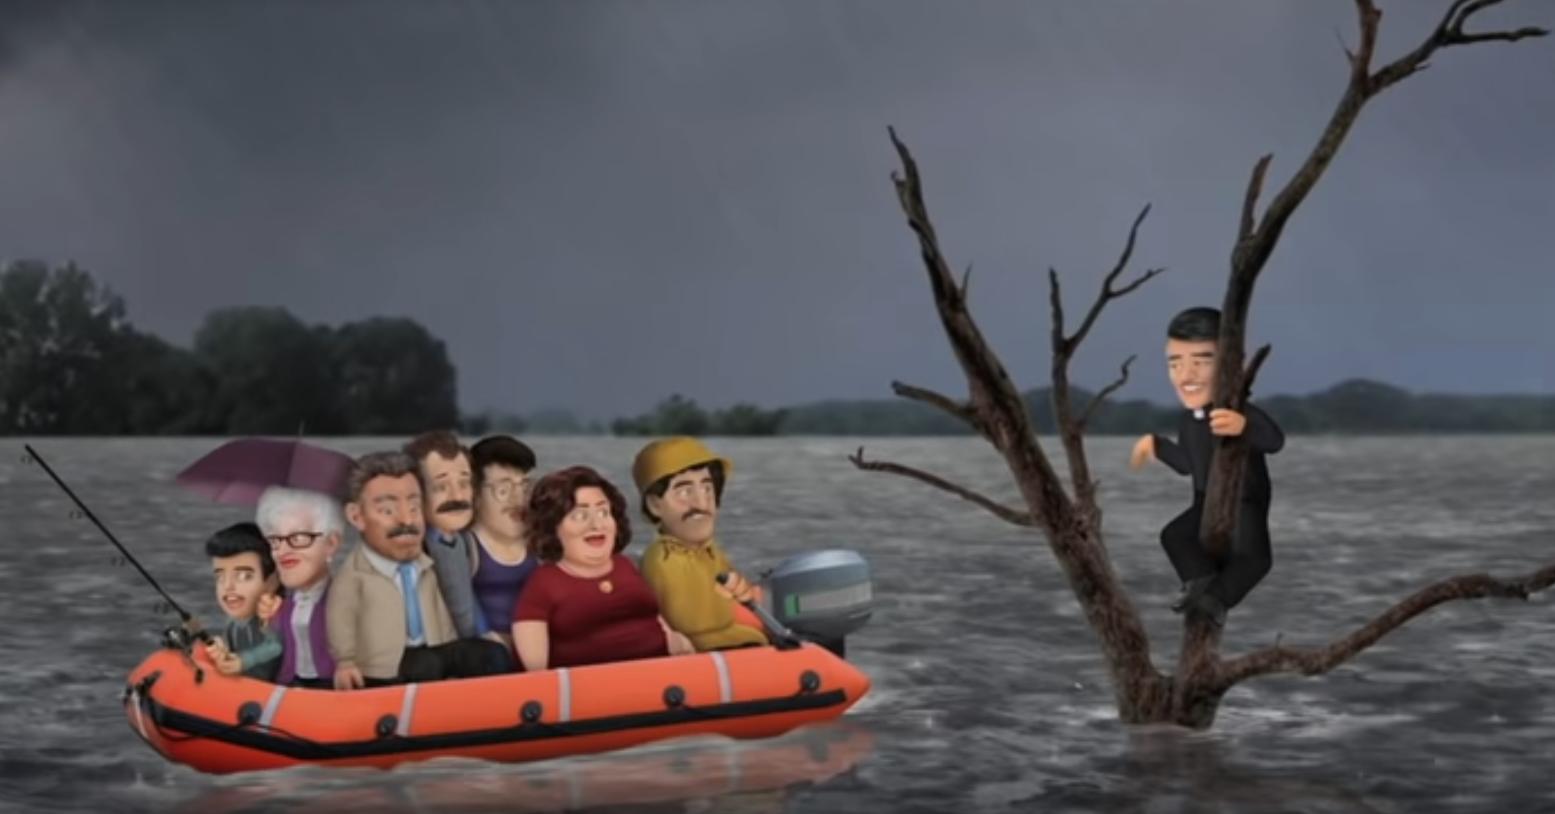 Vidéo têtes à claques inondation Canada